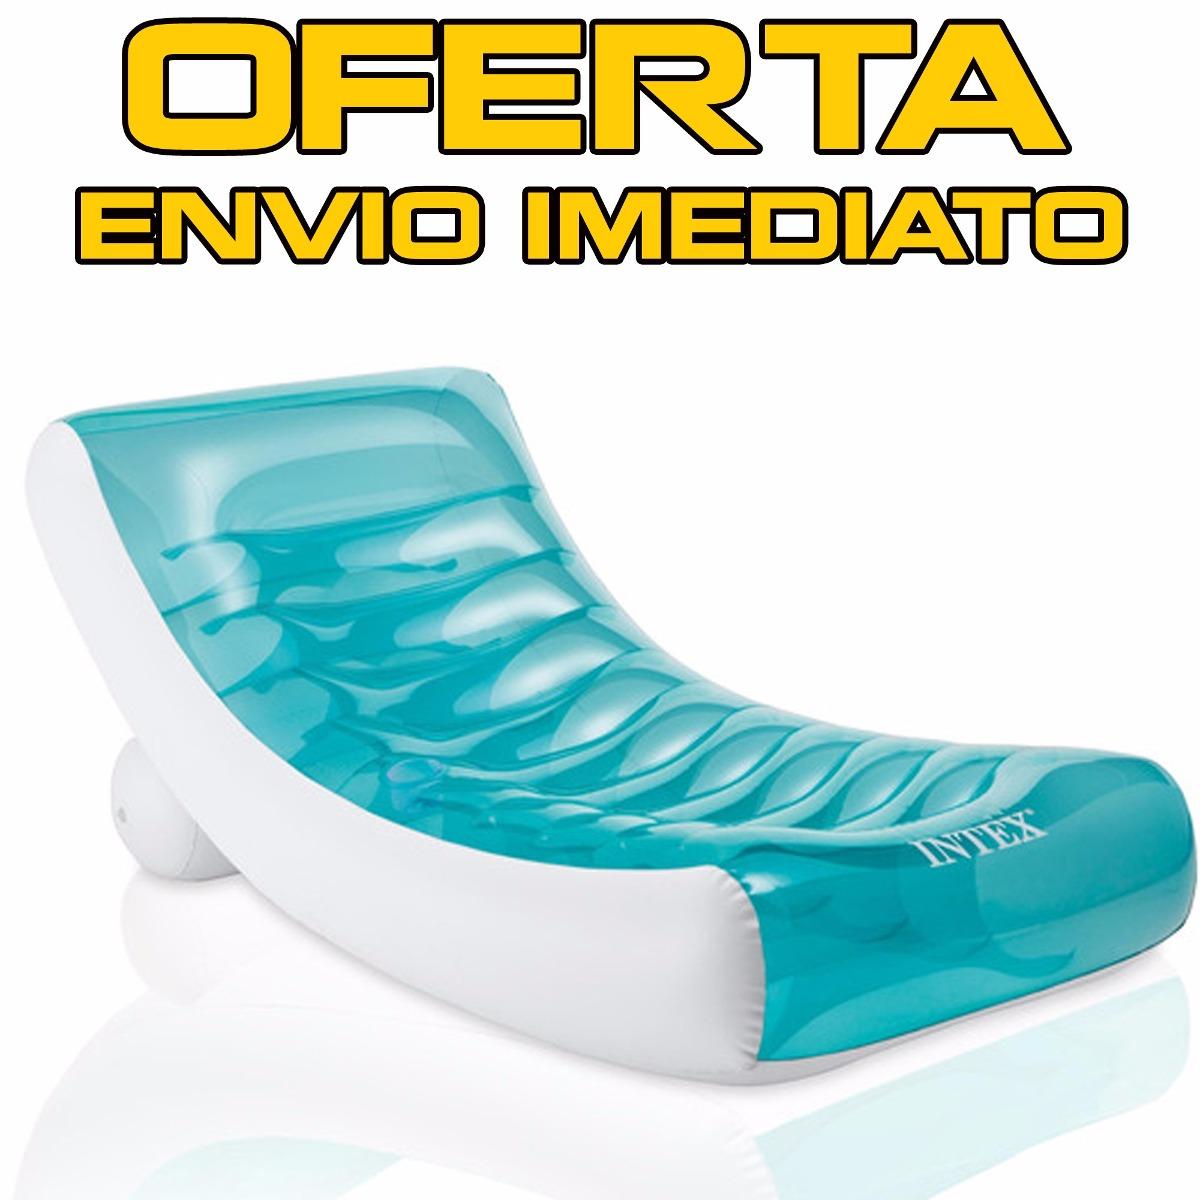 eaad49462 Colchão Inflável Piscina Ibiza Com Enconsto Intex Verão Bóia - R  169